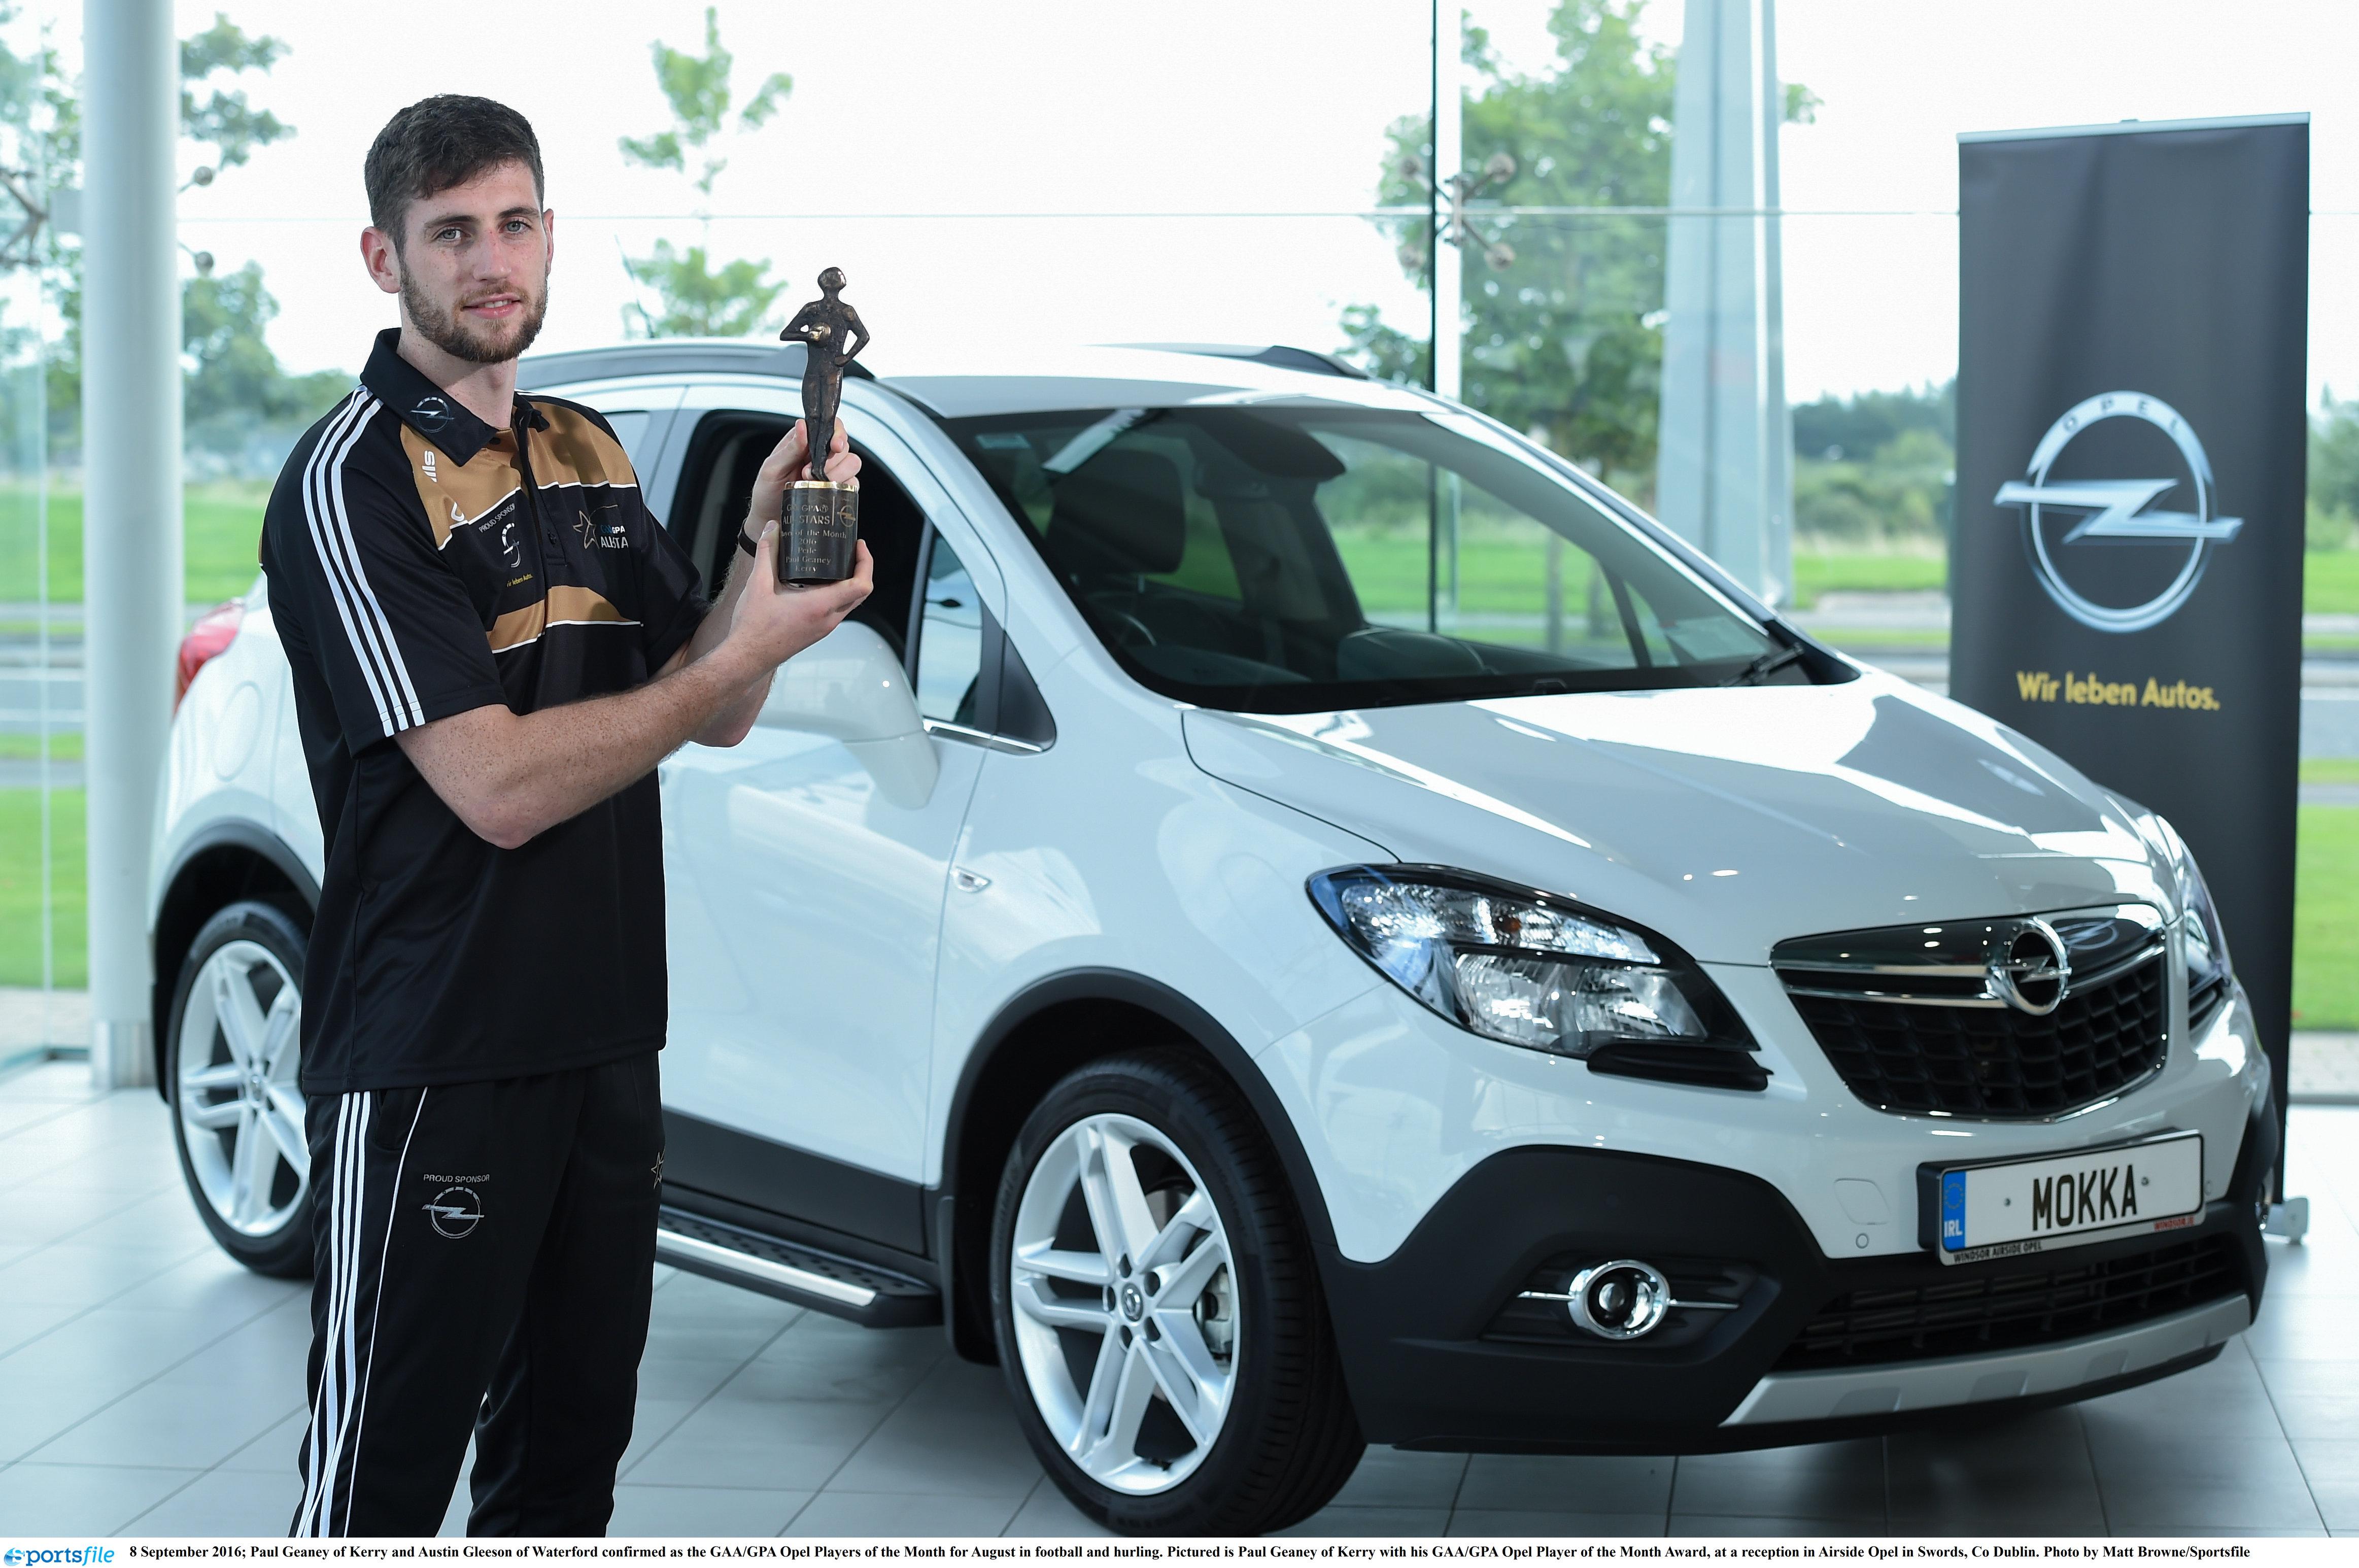 GAA/GPA Opel Player of the Month Award,